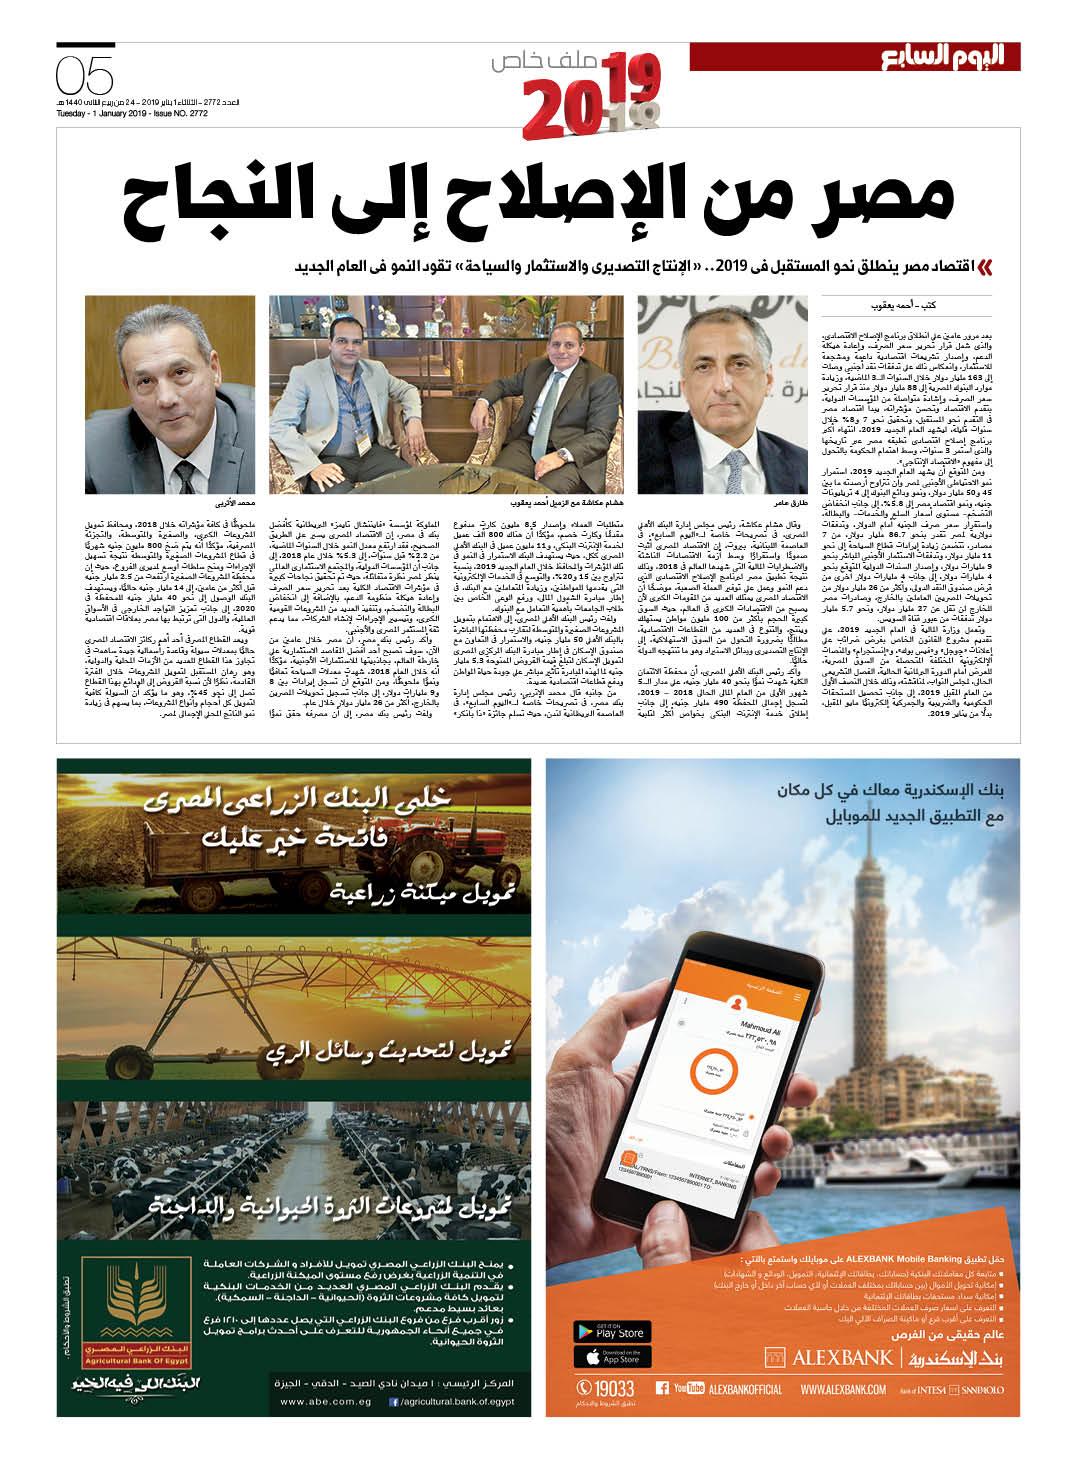 856e7b1987ef0 مصر من الإصلاح إلى النجاح.. اقتصاد منطلق فى 2019 نحو آفاق أرحب ...